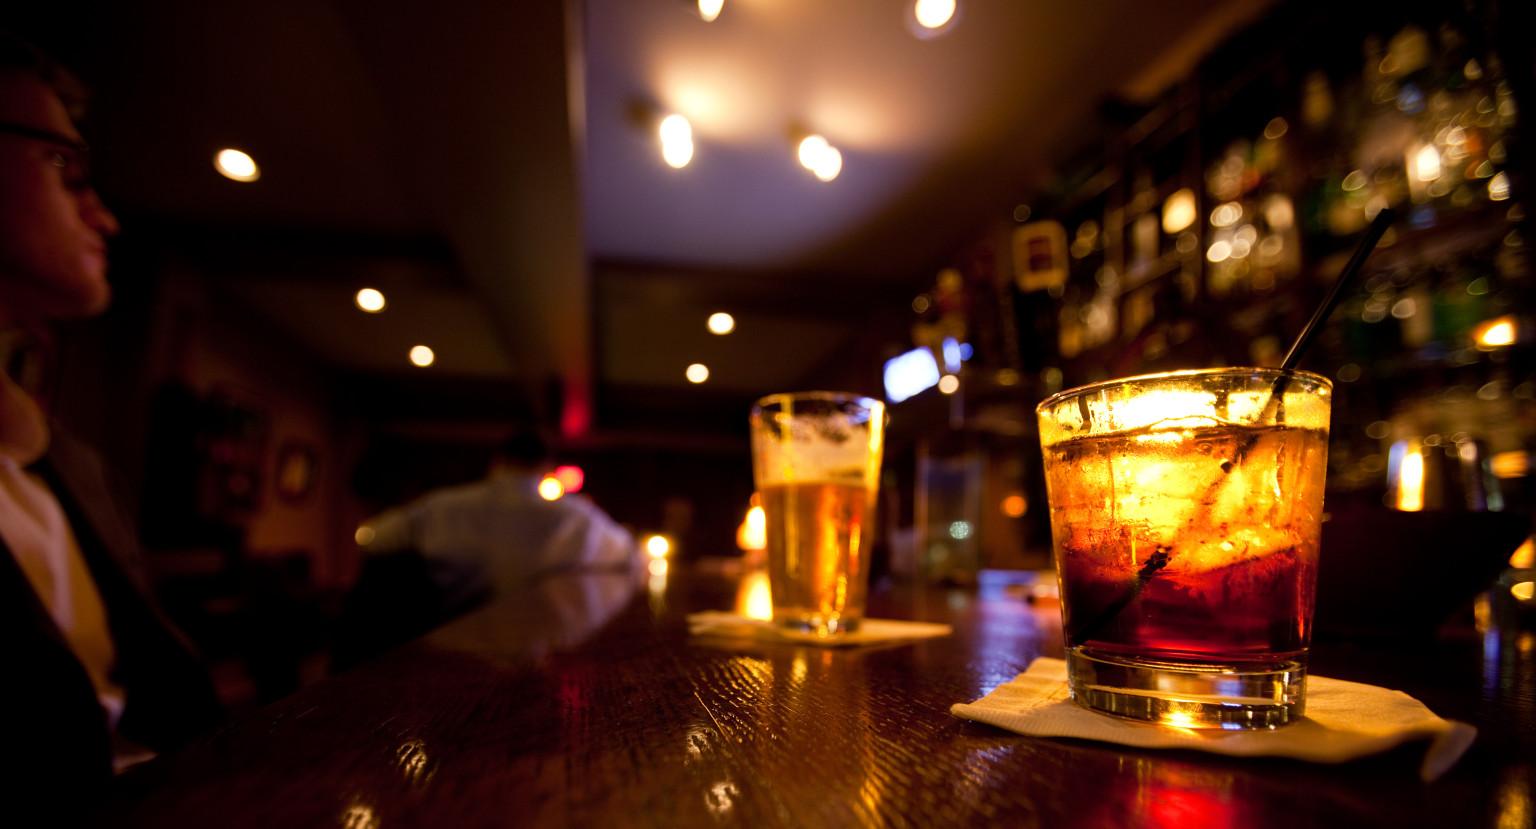 Alcohol at a bar